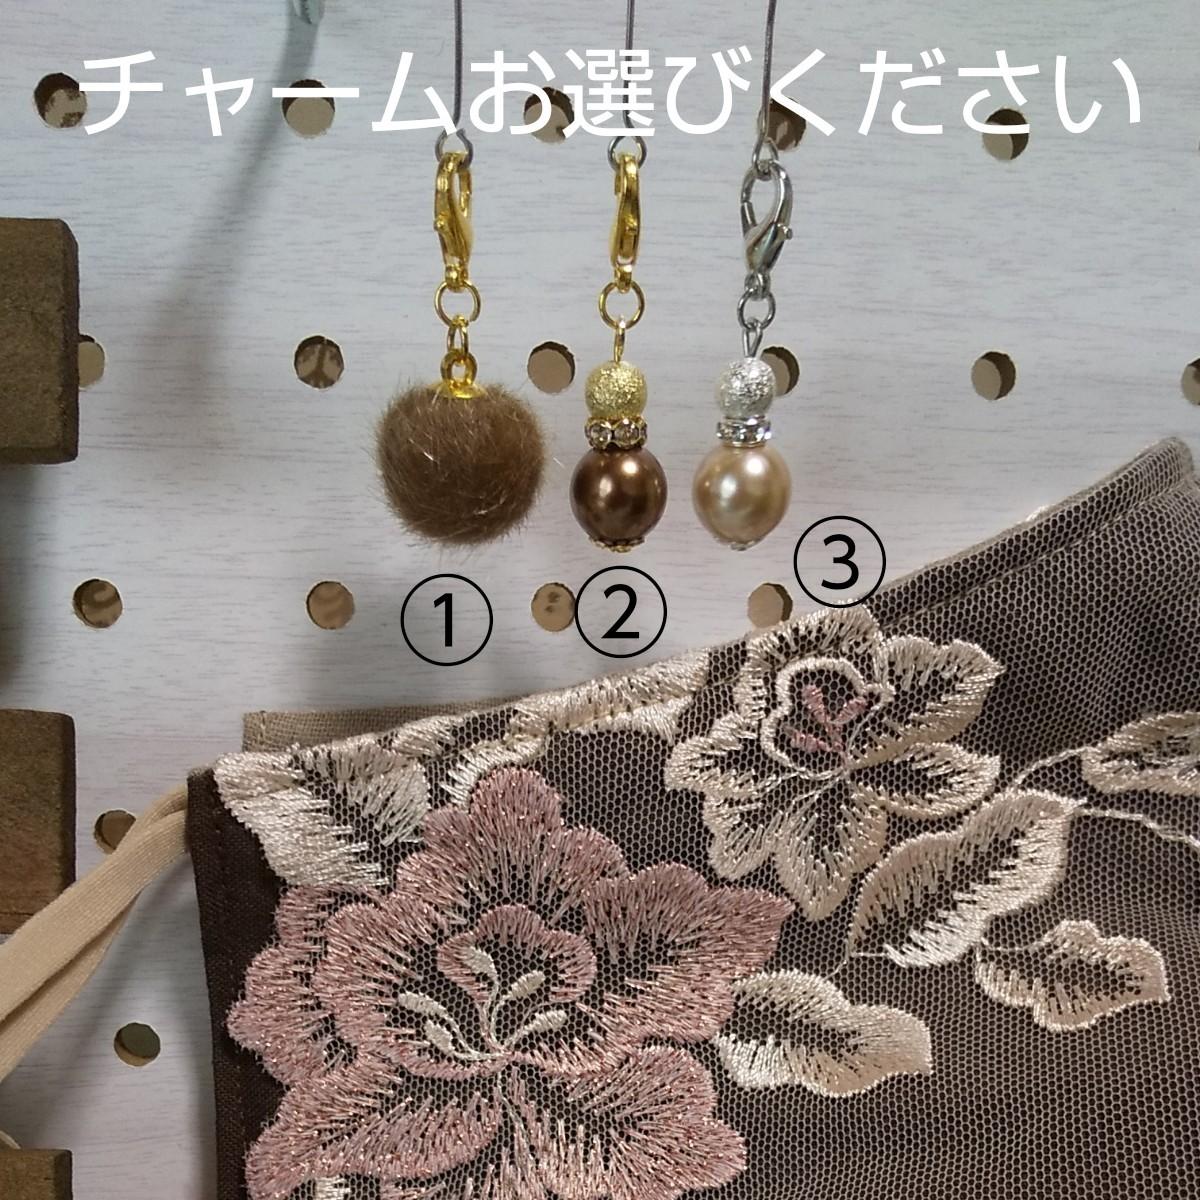 立体インナーハンドメイド、綿ガーゼチュール刺繍レース、(ベージュ系花柄チュール刺繍レース)普通サイズ、アジャスター付、チャーム付